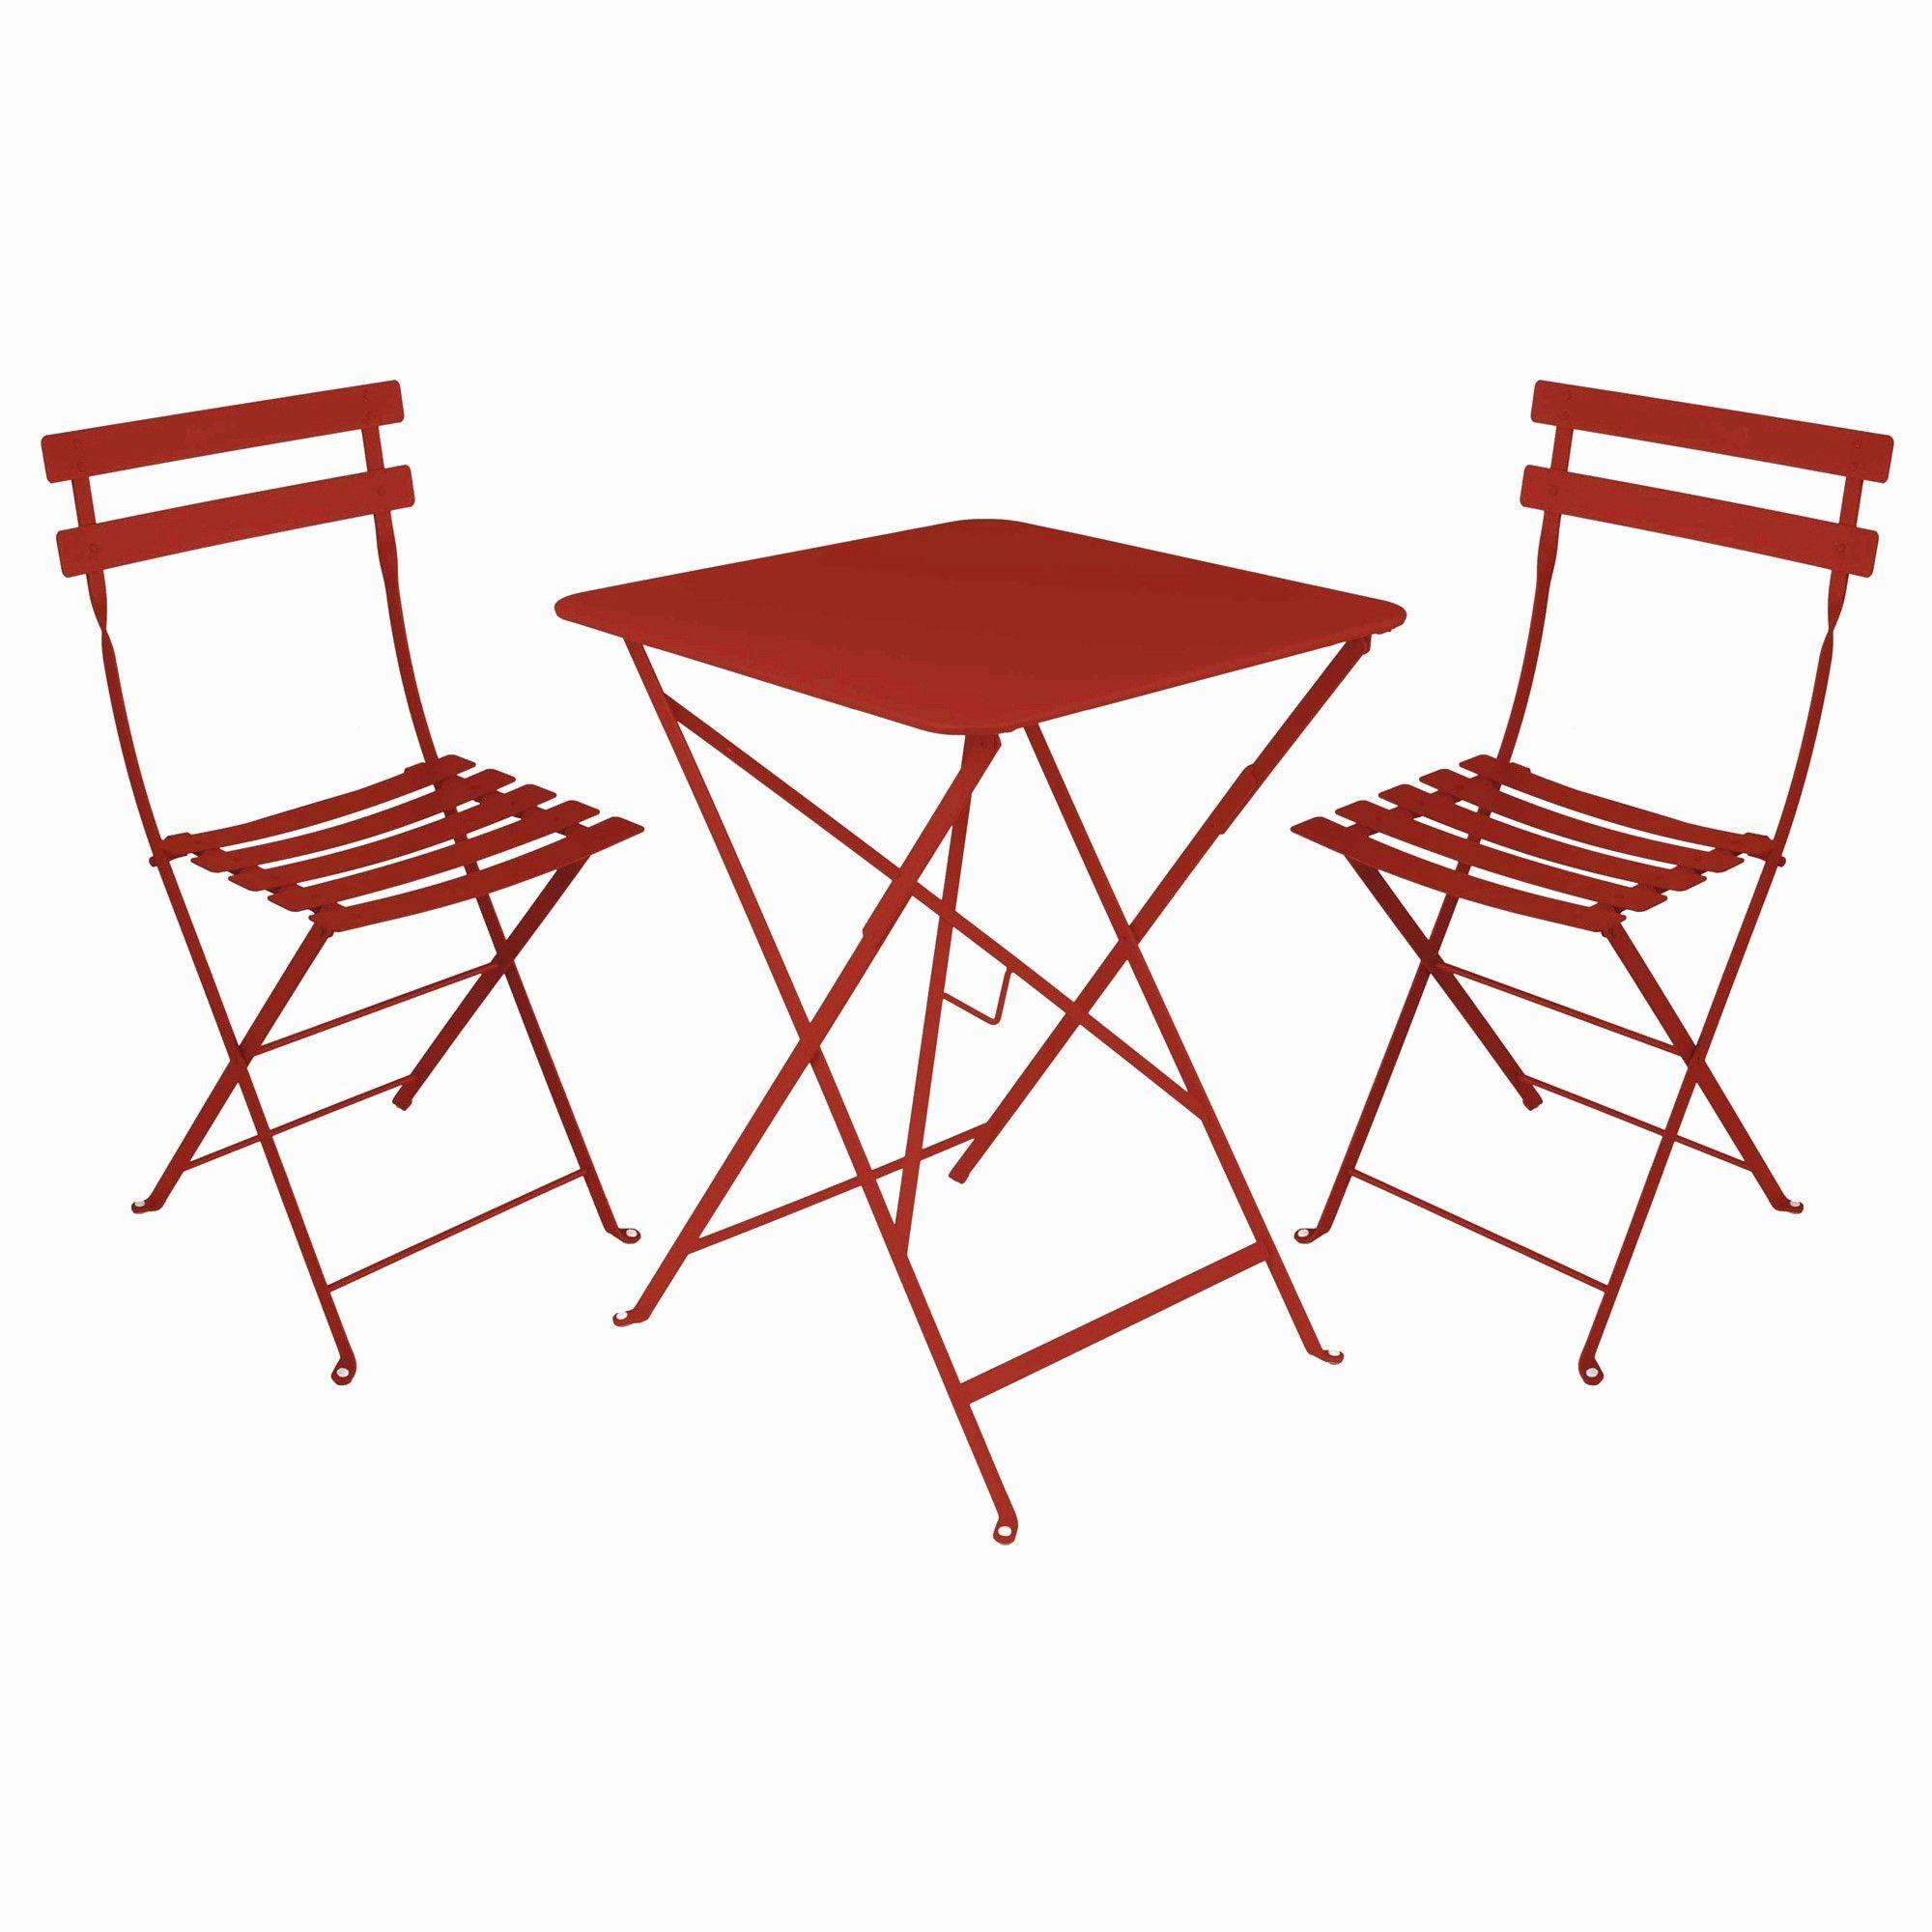 fauteuil de jardin haut de gamme avec chaise bois chaise bois meilleur chaise bistrot ebay chaises 0d trad de fauteuil de jardin haut de gamme